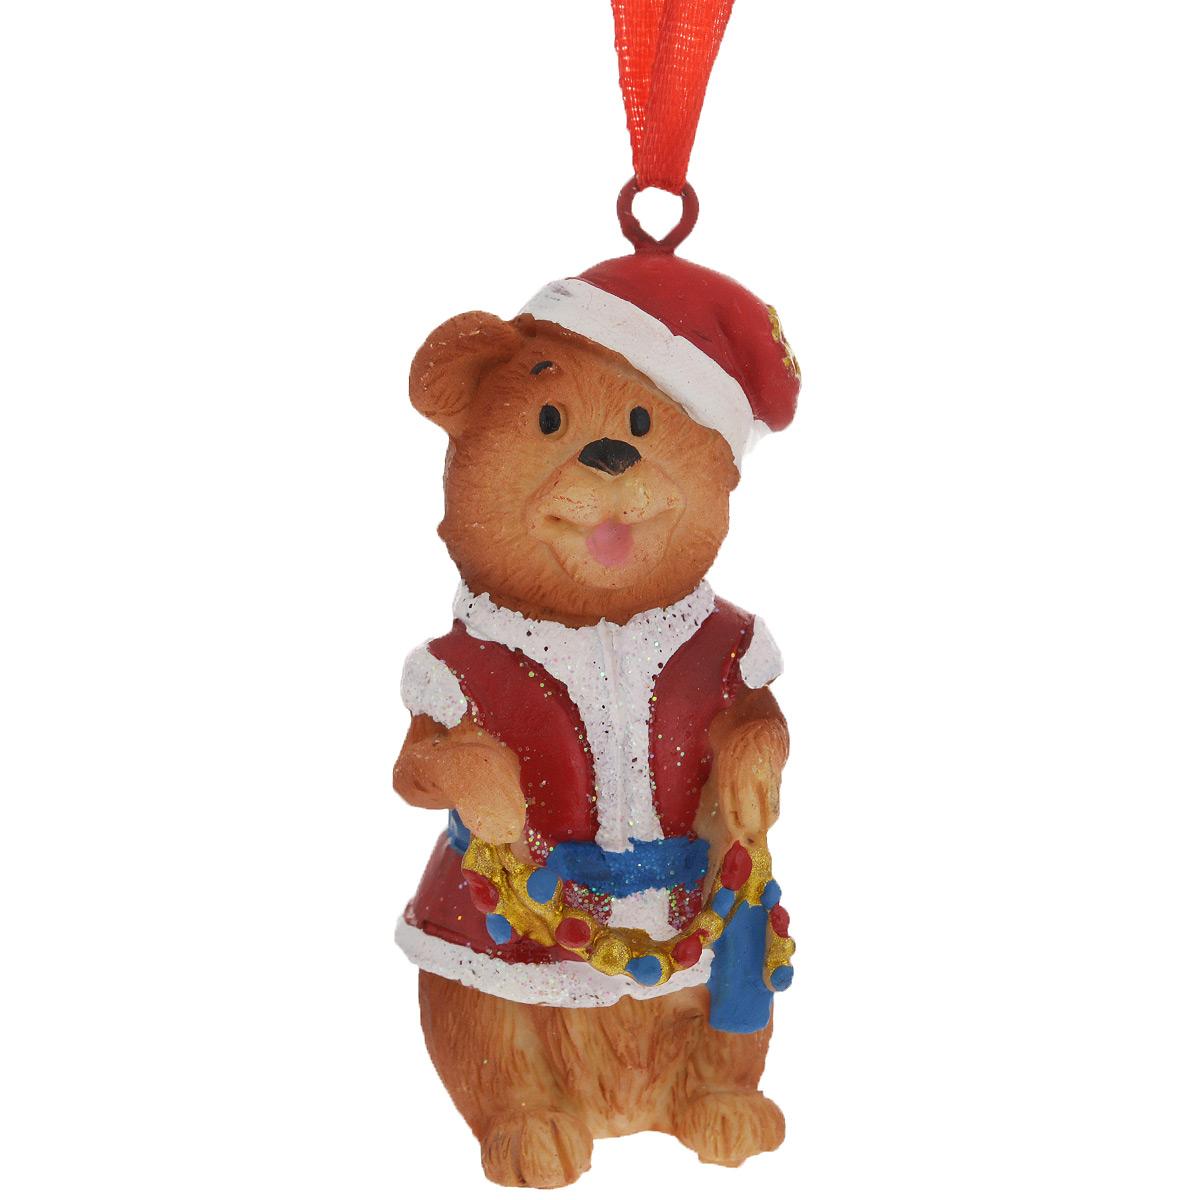 Новогоднее подвесное украшение Мишка в костюме Деда Мороза. 3459034590Оригинальное новогоднее украшение из пластика прекрасно подойдет для праздничного декора дома и новогодней ели. Изделие крепится на елку с помощью металлического зажима.